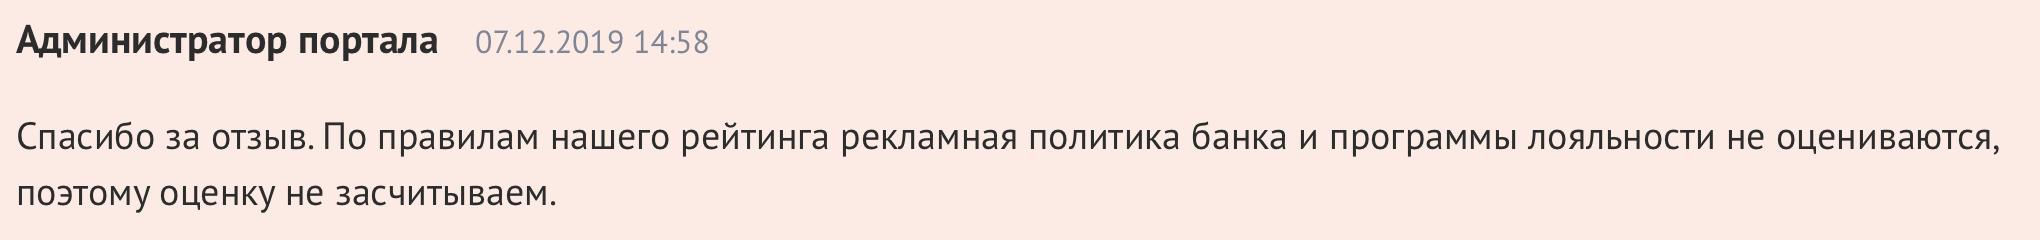 банк восточный краснодар отзывы о кредите как нарисовать красивые картинки легко и просто красиво